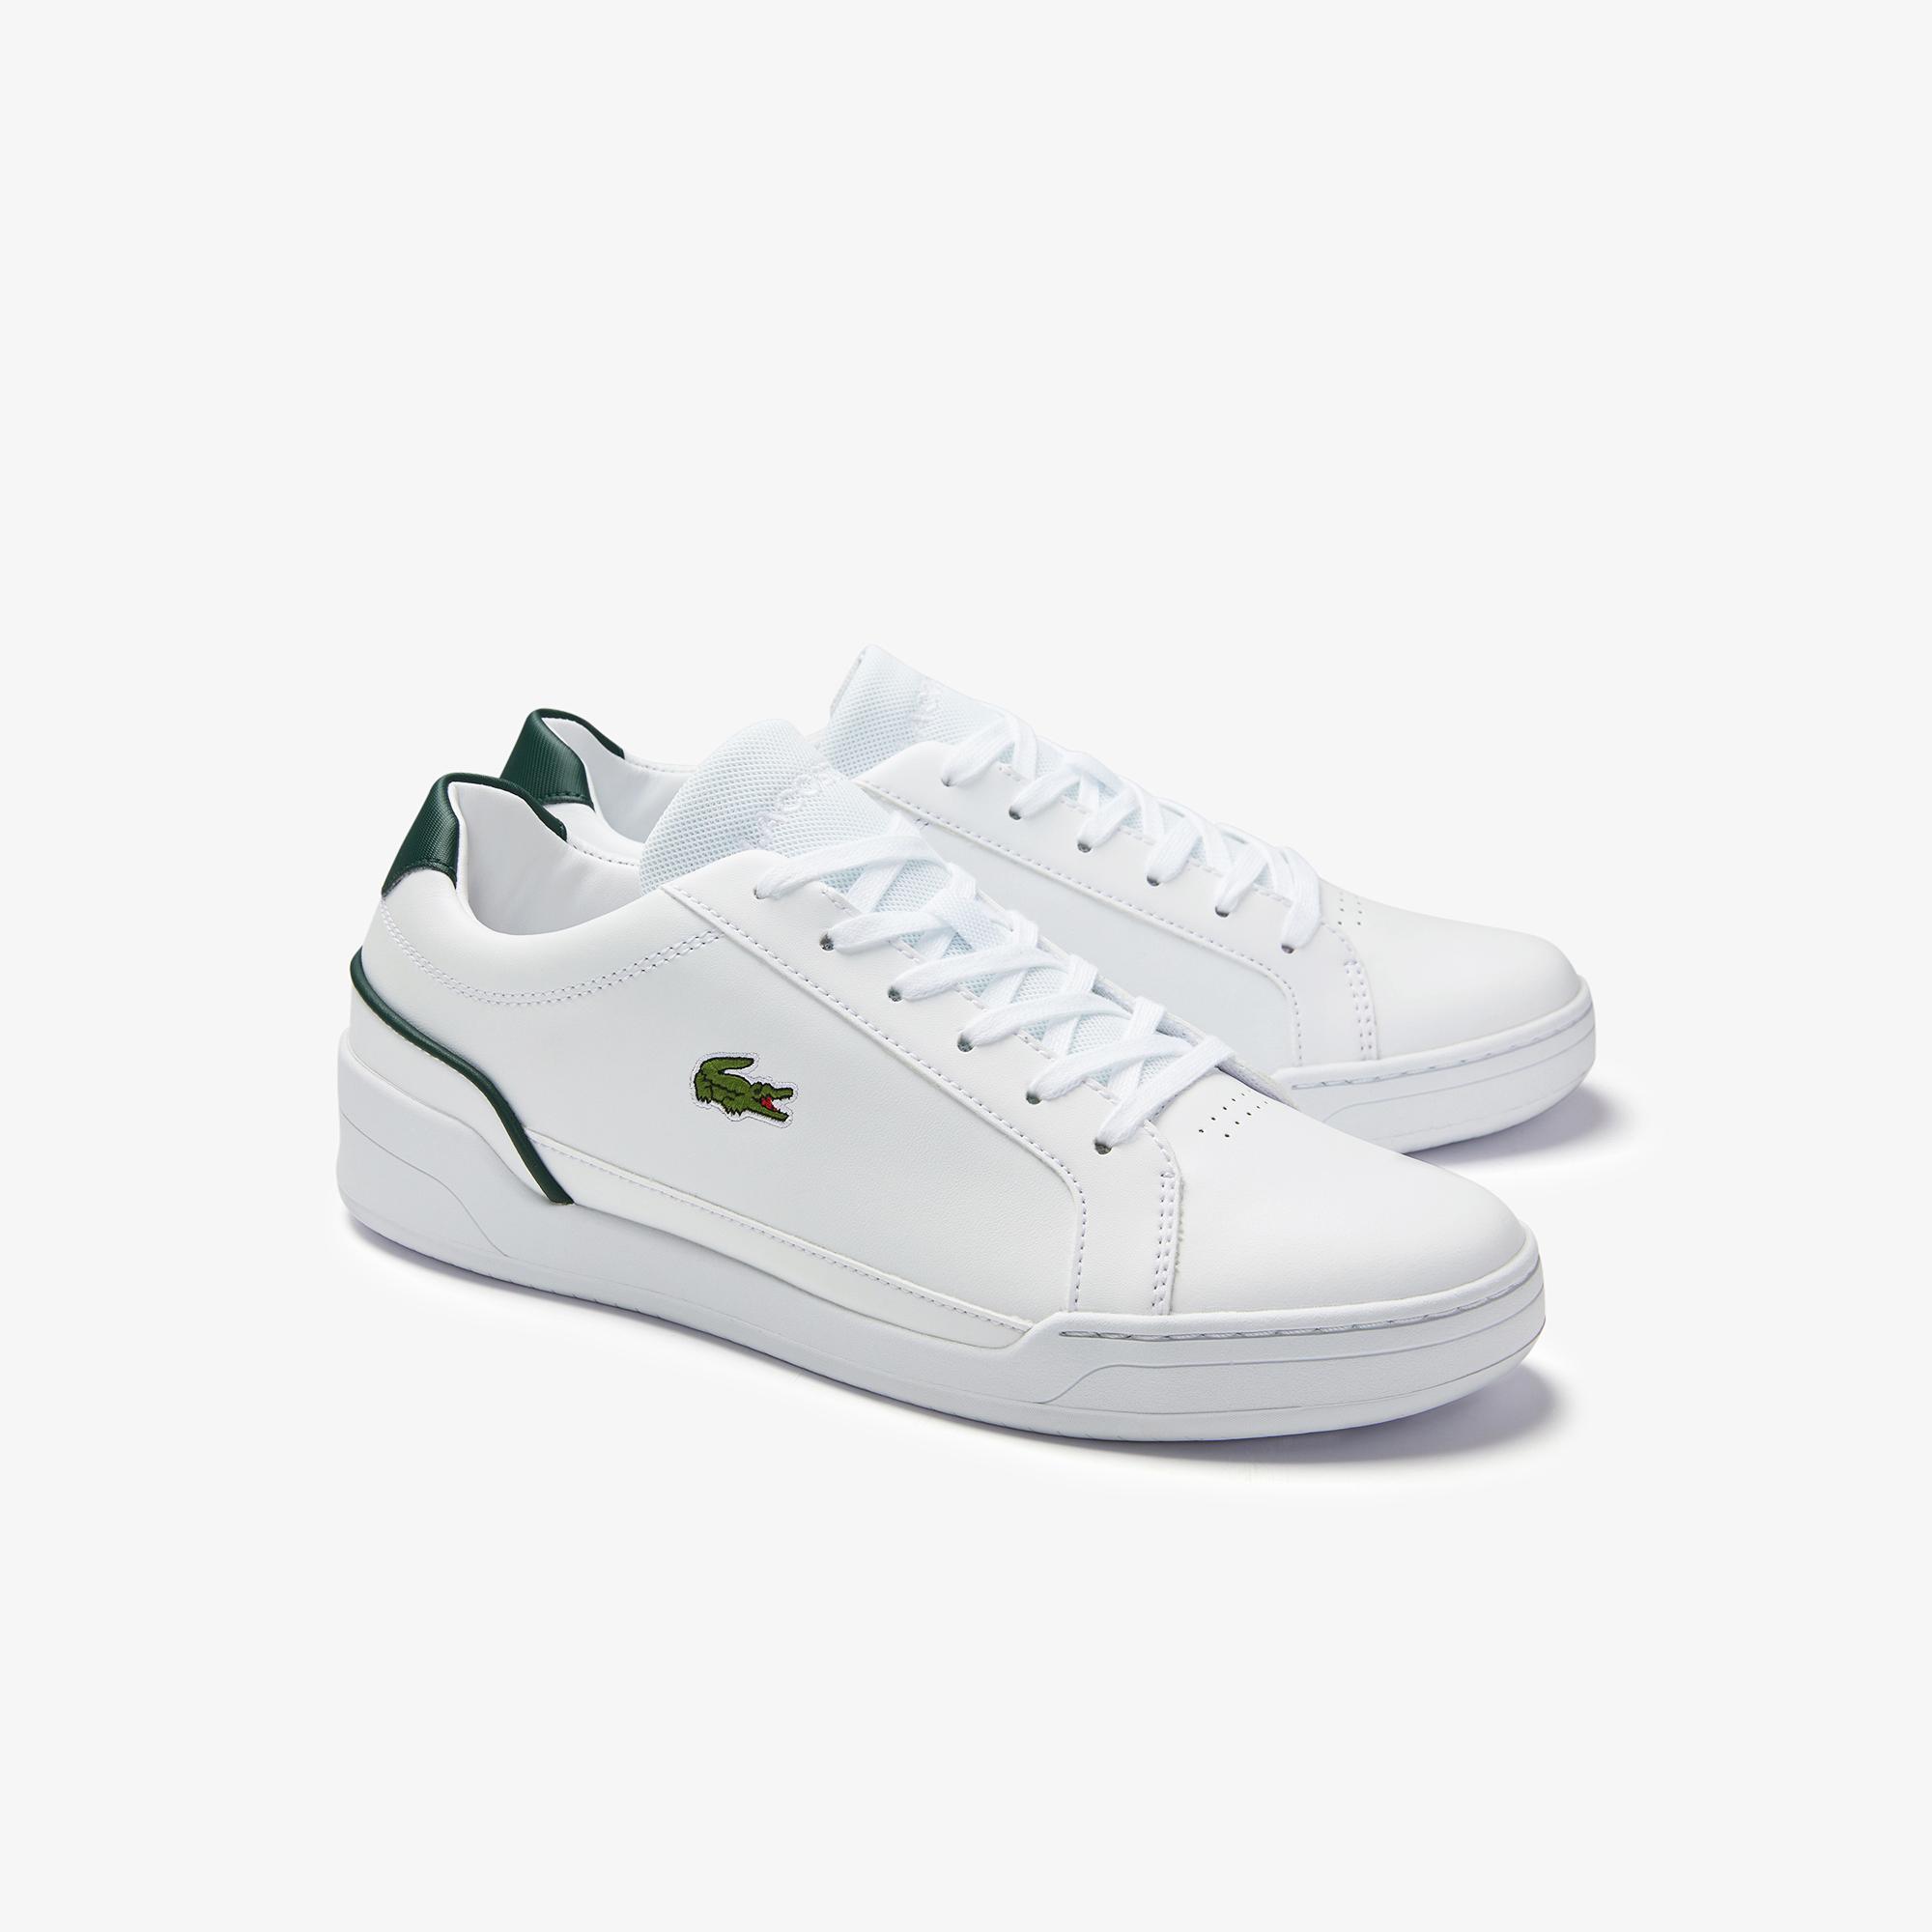 Lacoste Challenge 0120 2 Sma Erkek Deri Beyaz - Koyu Yeşil Sneaker